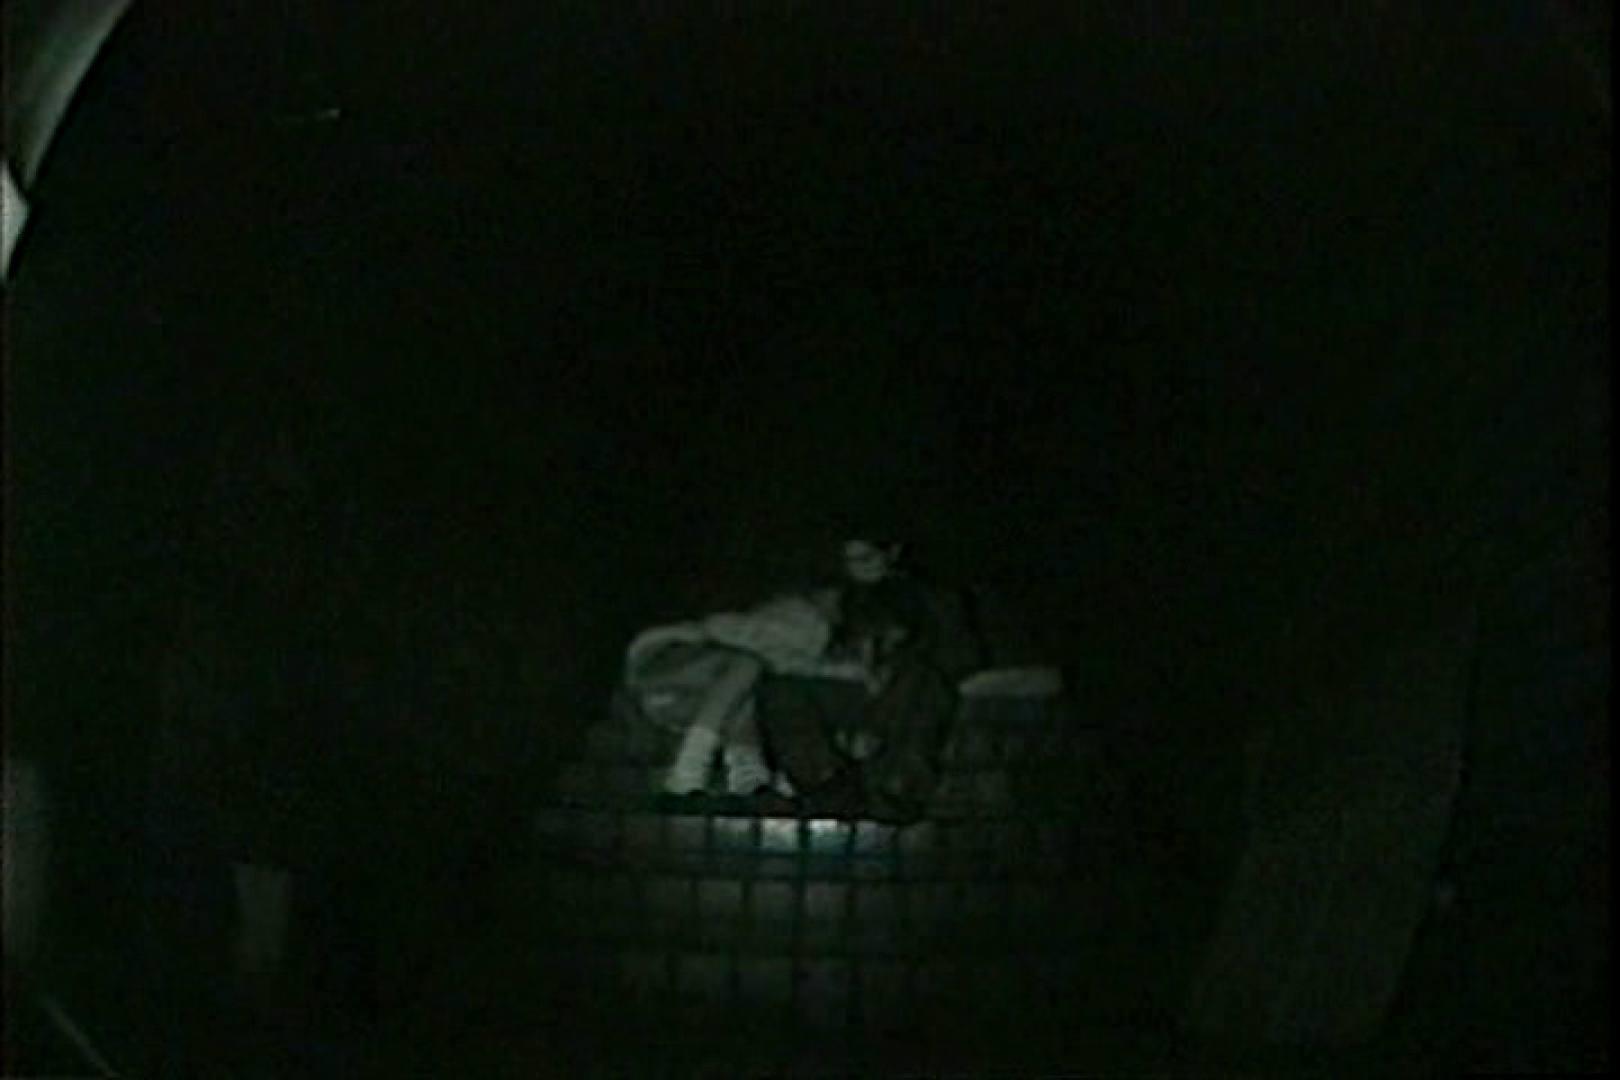 闇の仕掛け人 無修正版 Vol.17 セックス オマンコ動画キャプチャ 75PIX 5